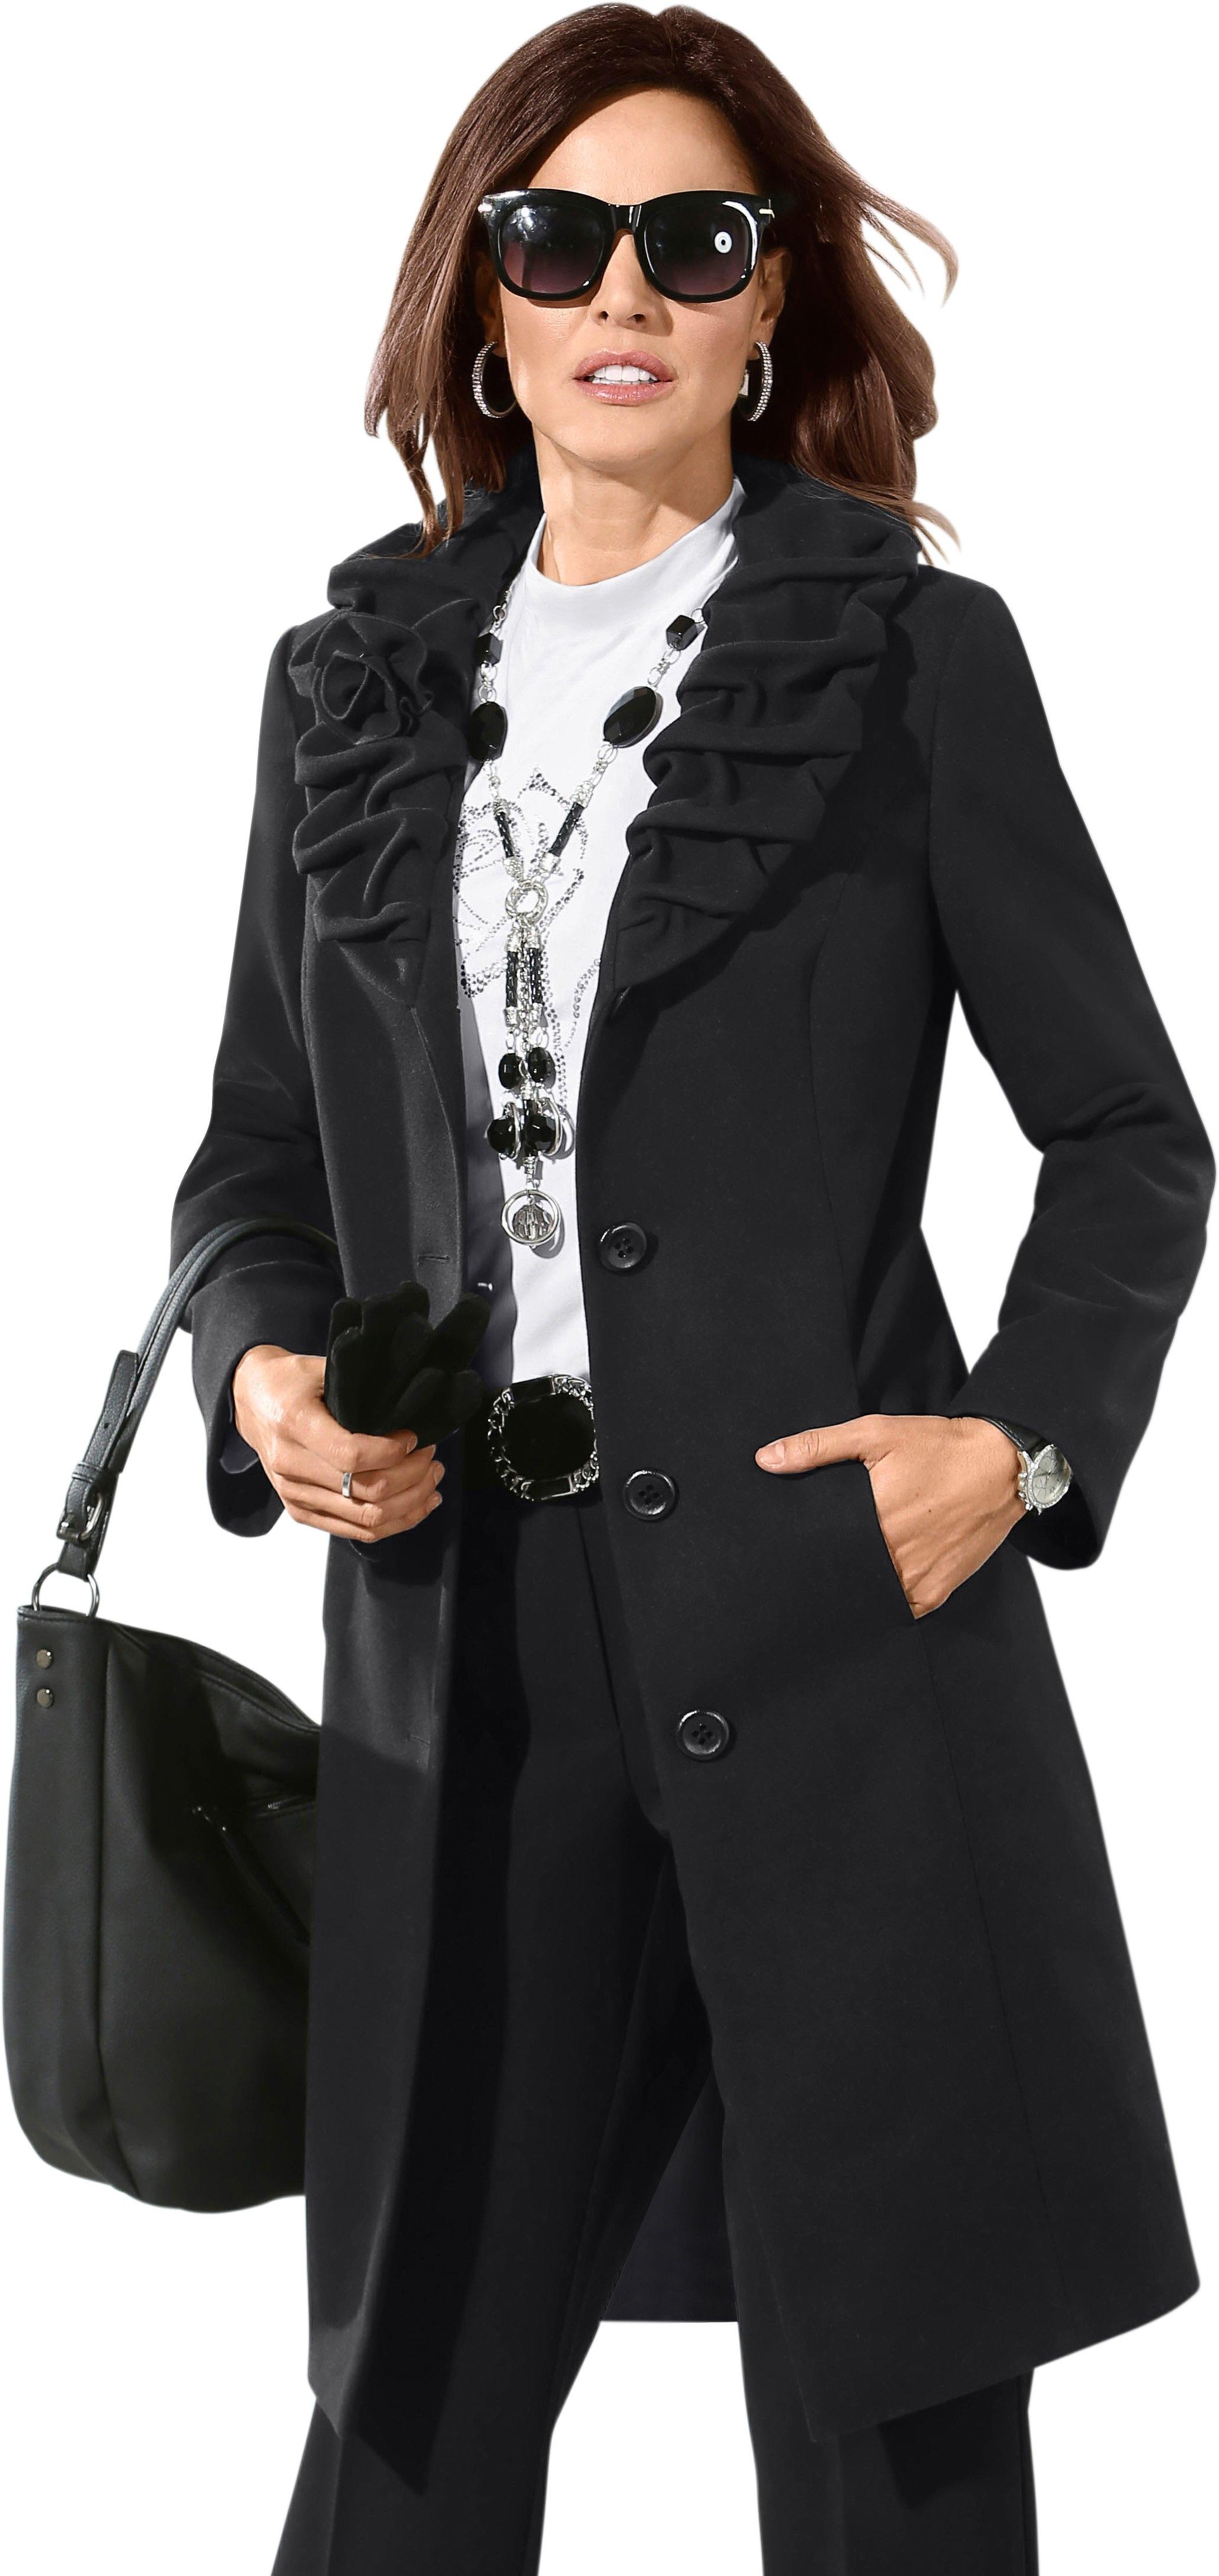 Lady jas met een afneembare bloemetjesbroche bestellen: 30 dagen bedenktijd